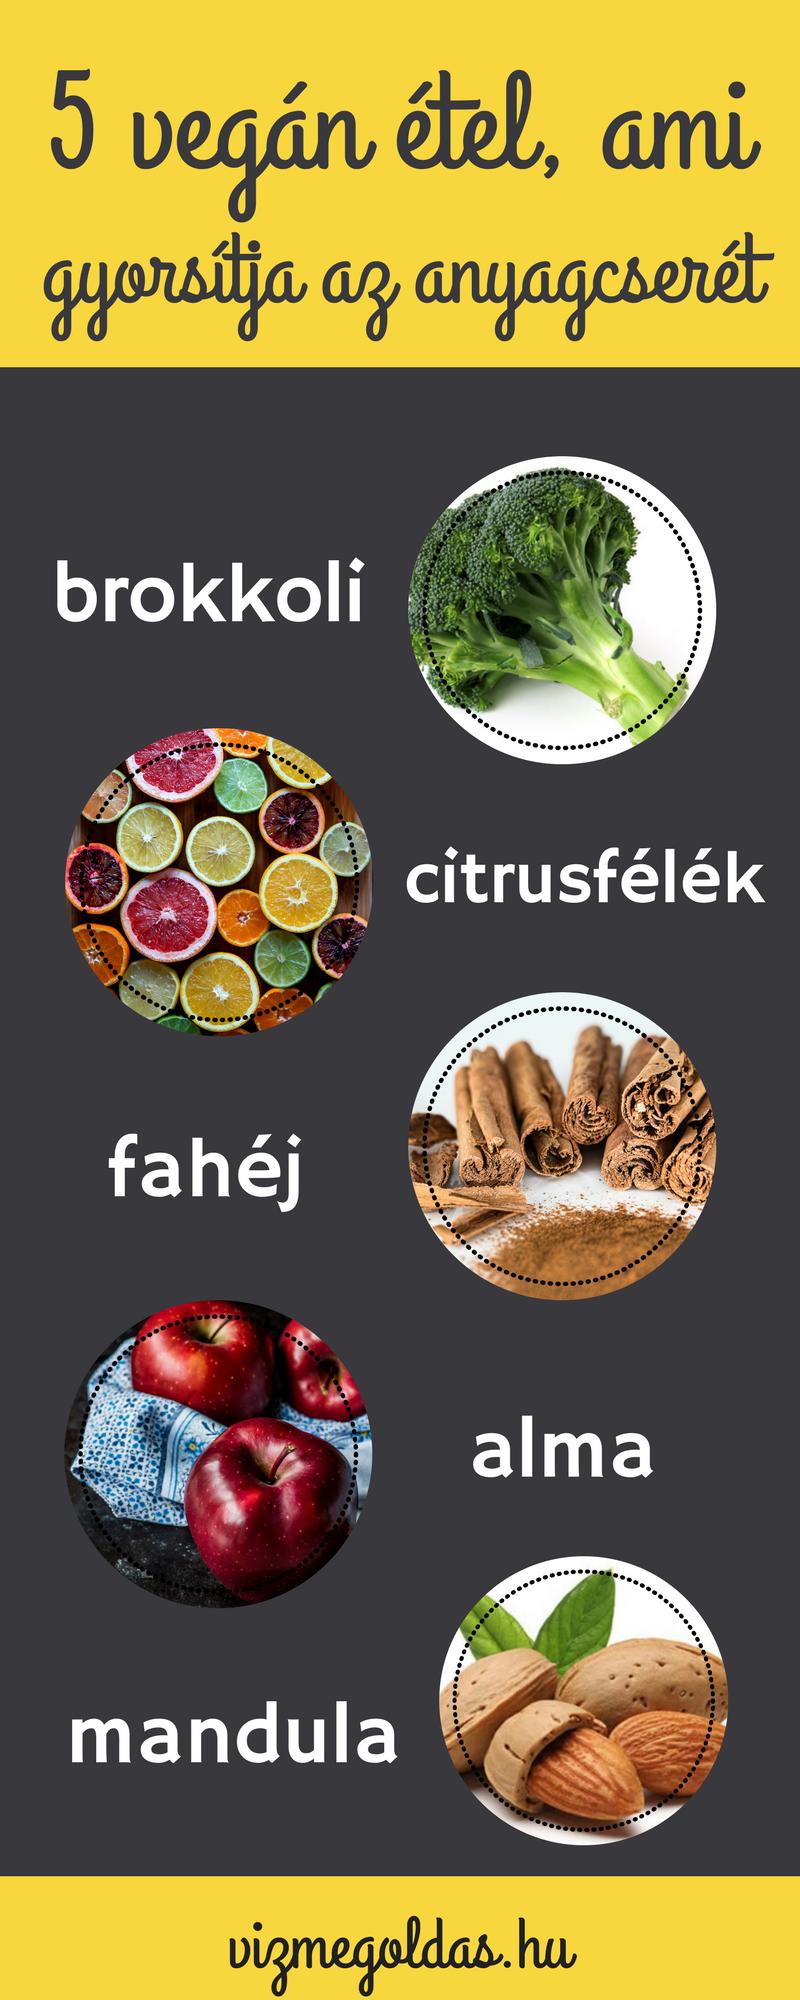 7 étel, amitől biztosan fogyni fogsz